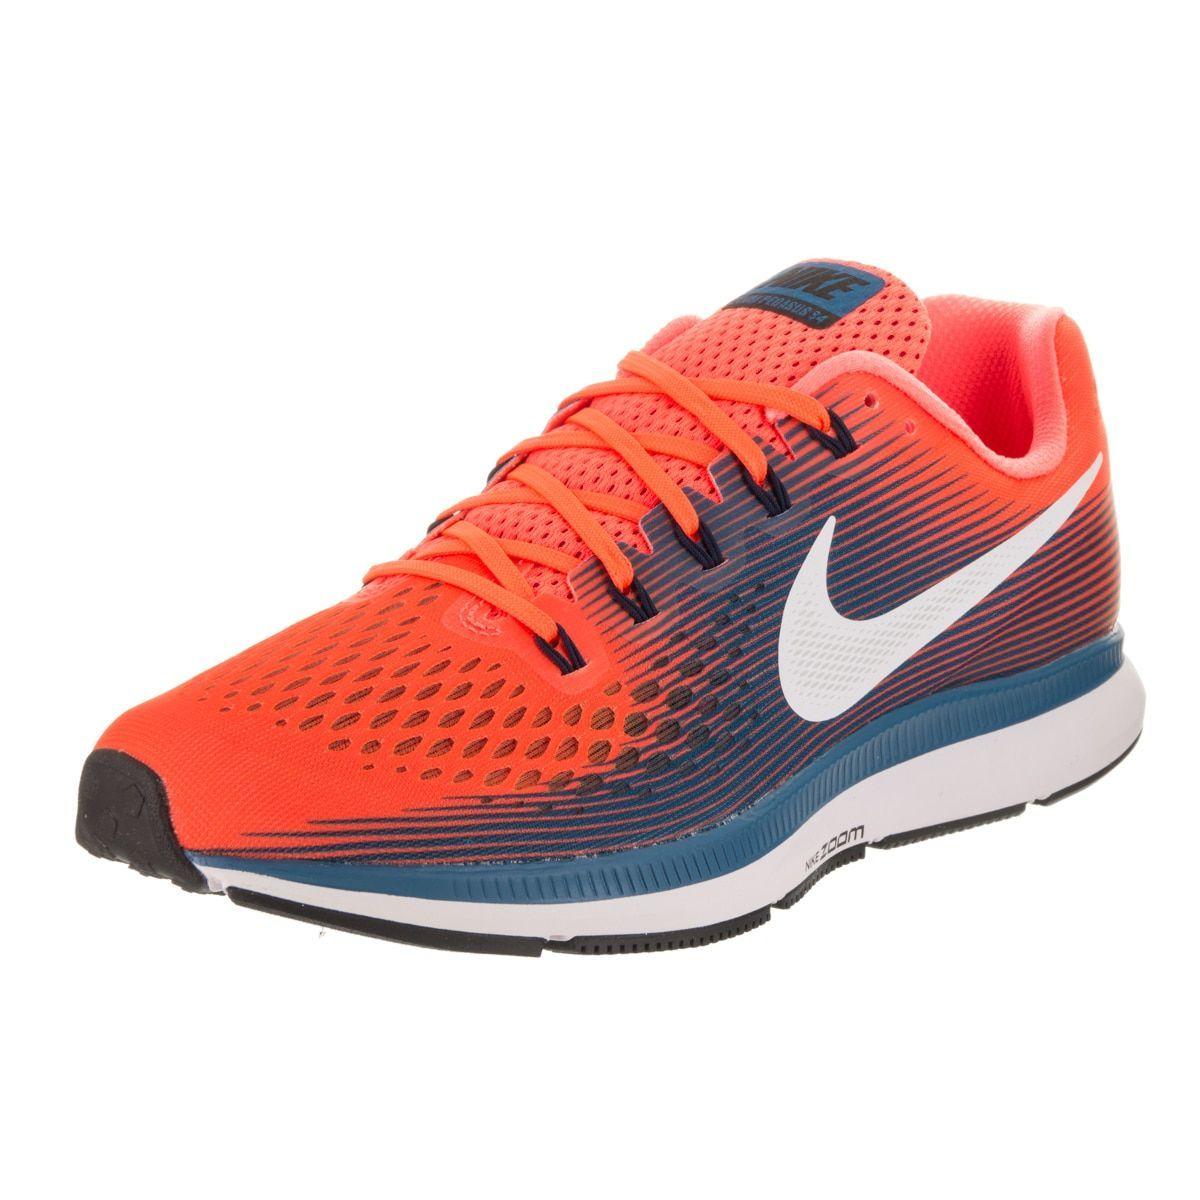 3612bd202f19 Nike Men s Air Zoom Pegasus 34 Running Shoe